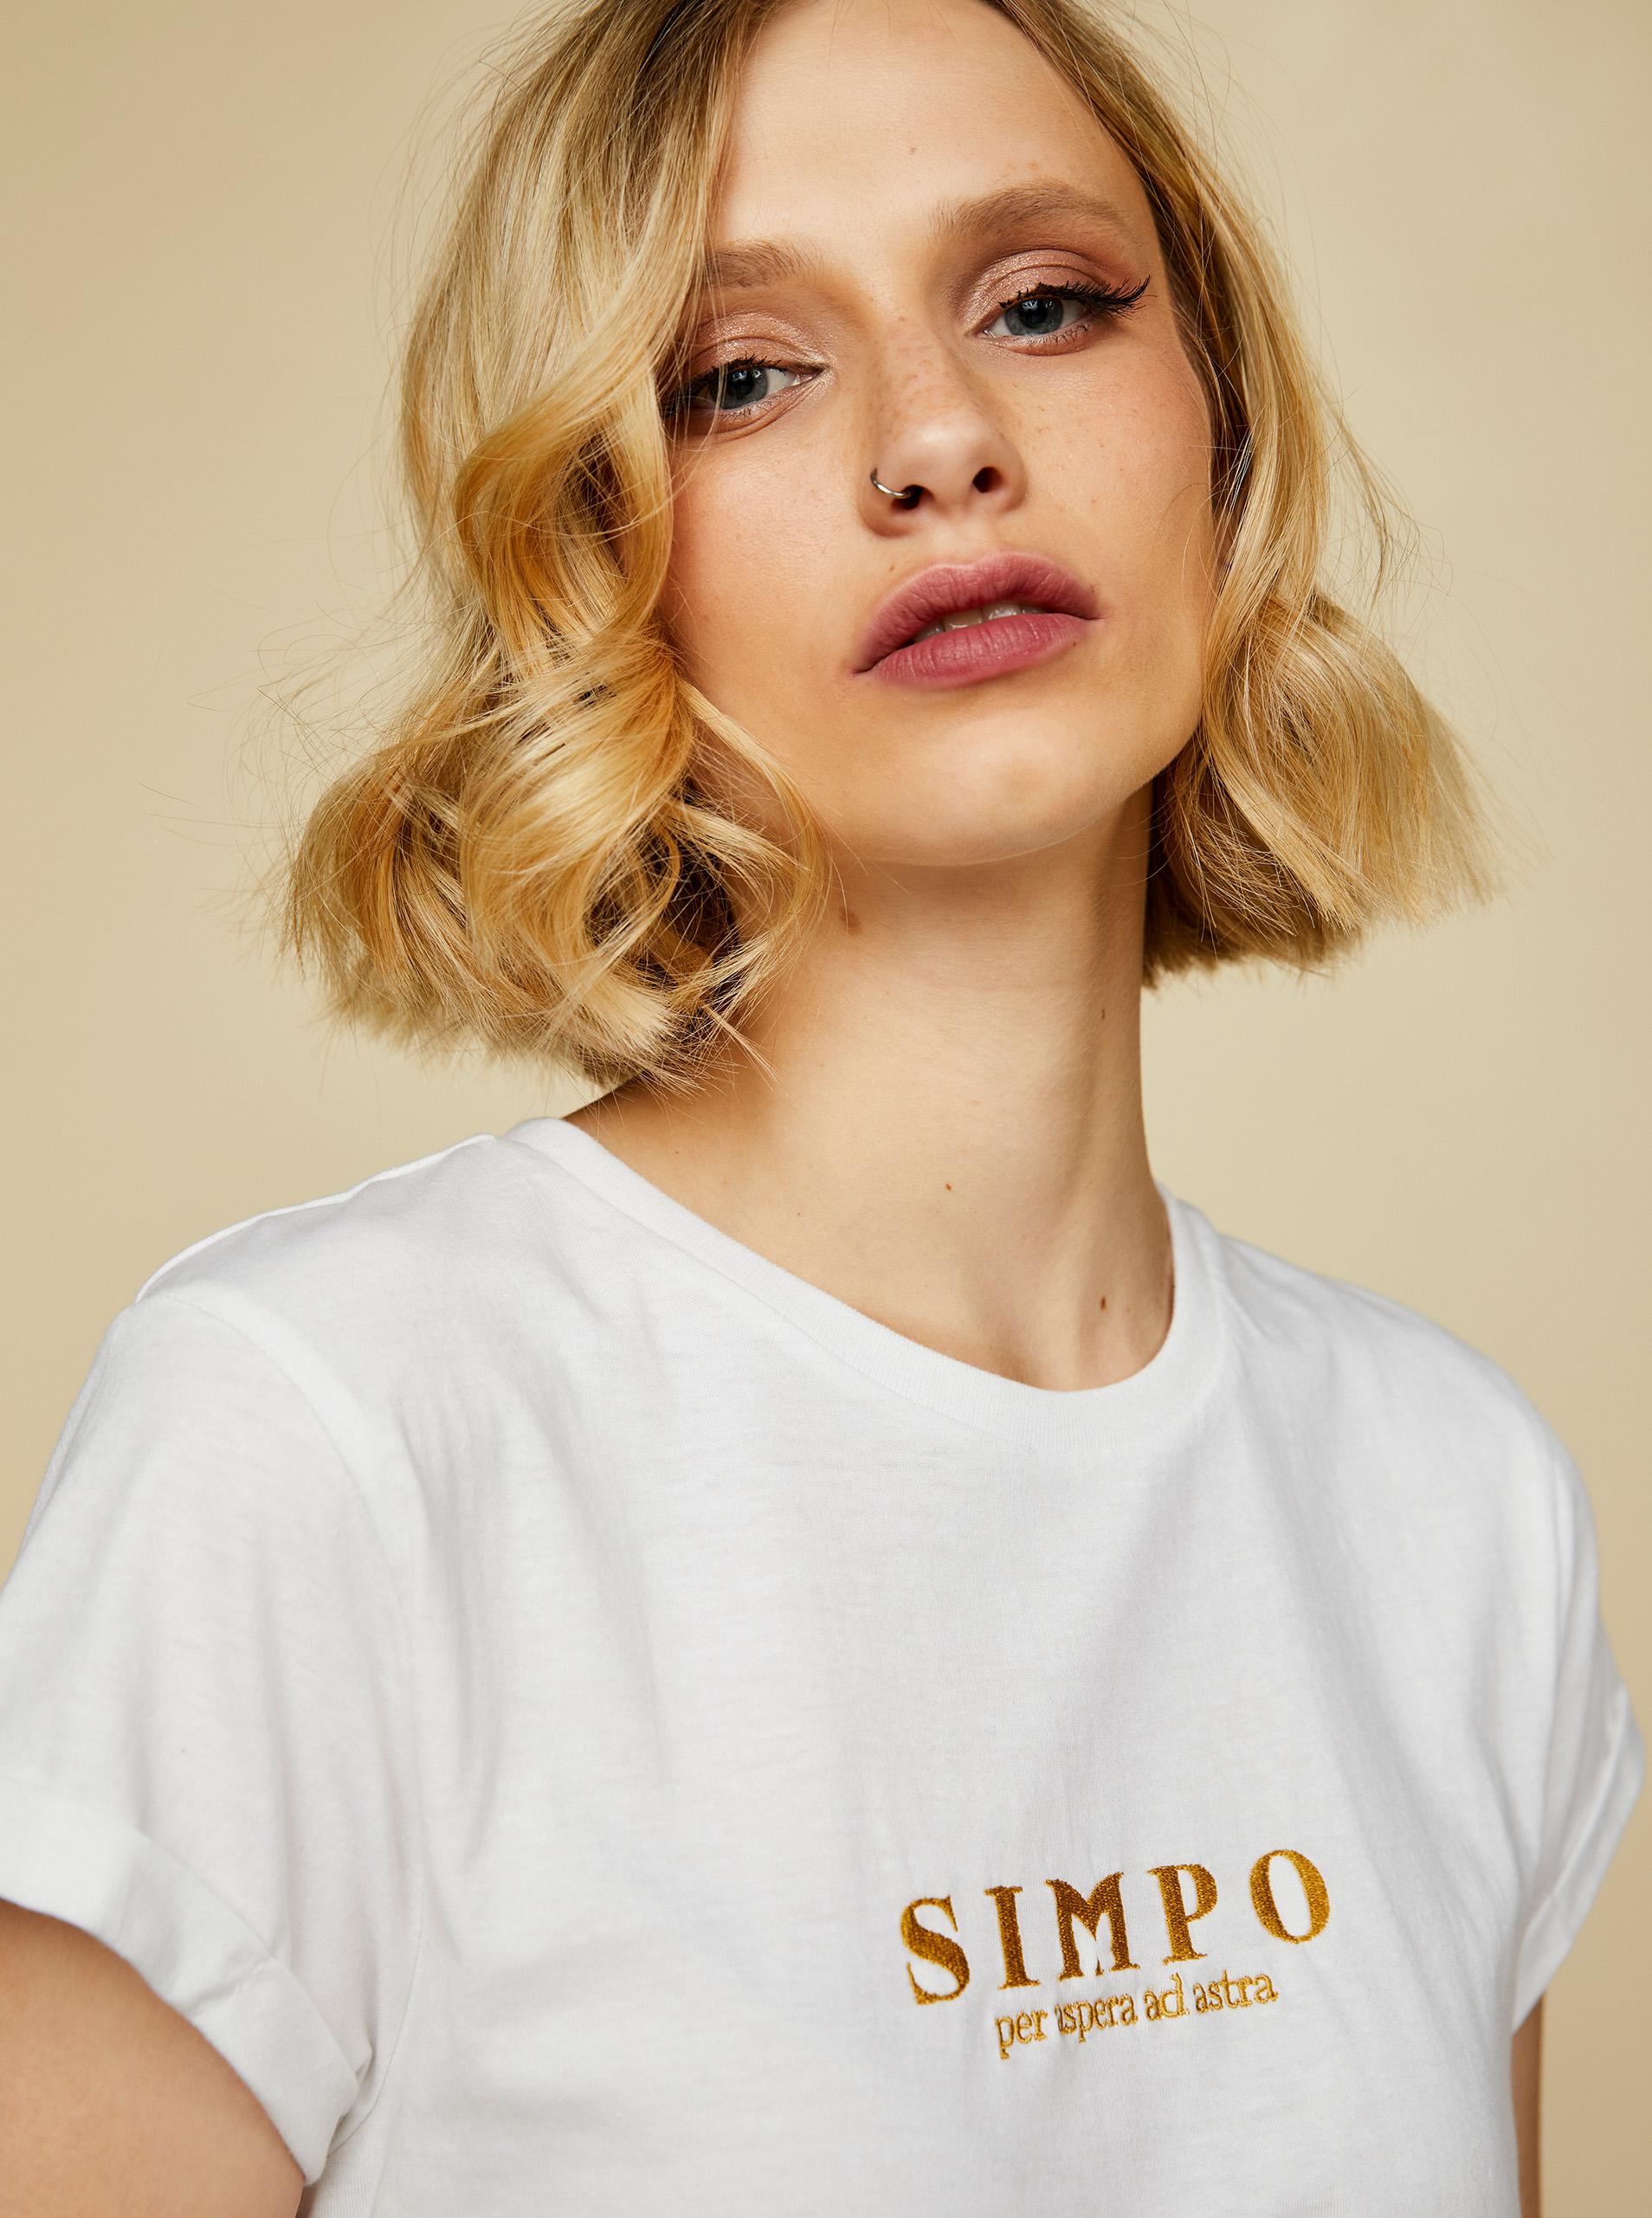 Simpo t-shirt crema Bottiglia